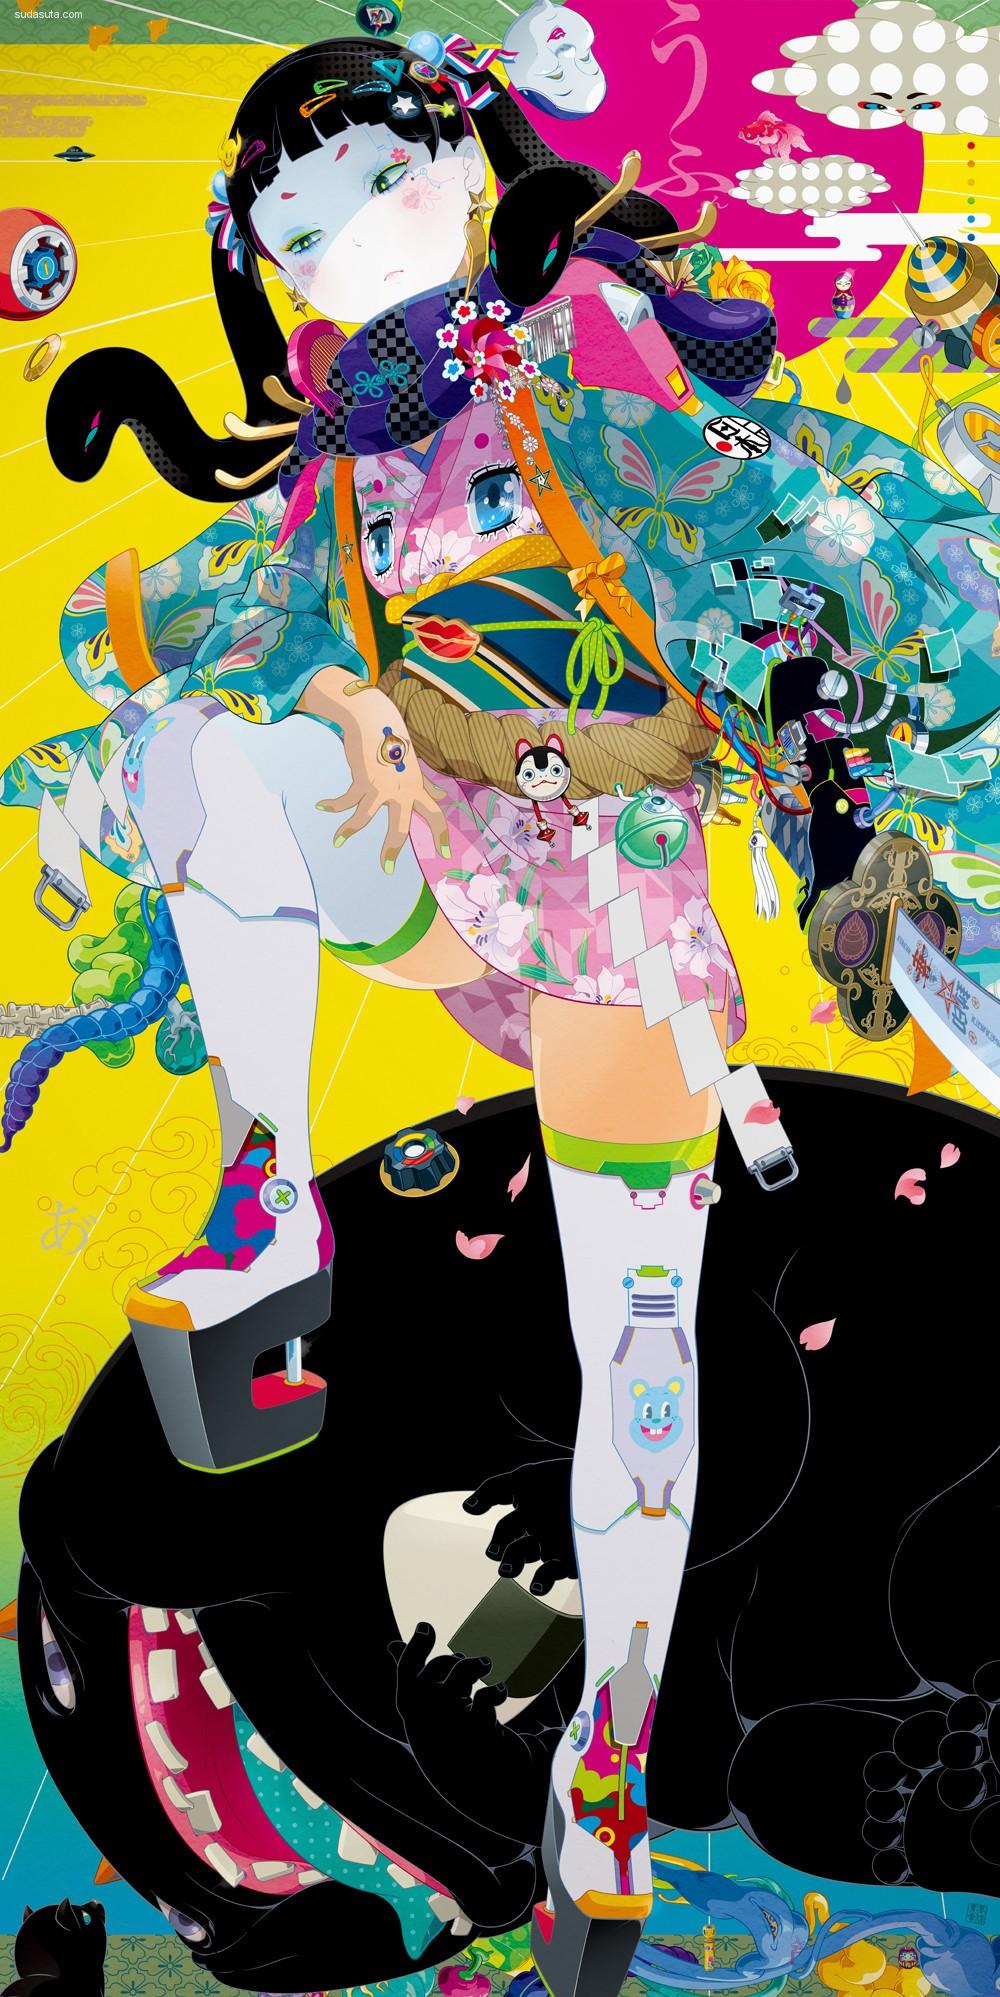 タカハシヒロユキ 青春与色彩 卡通漫画作品欣赏